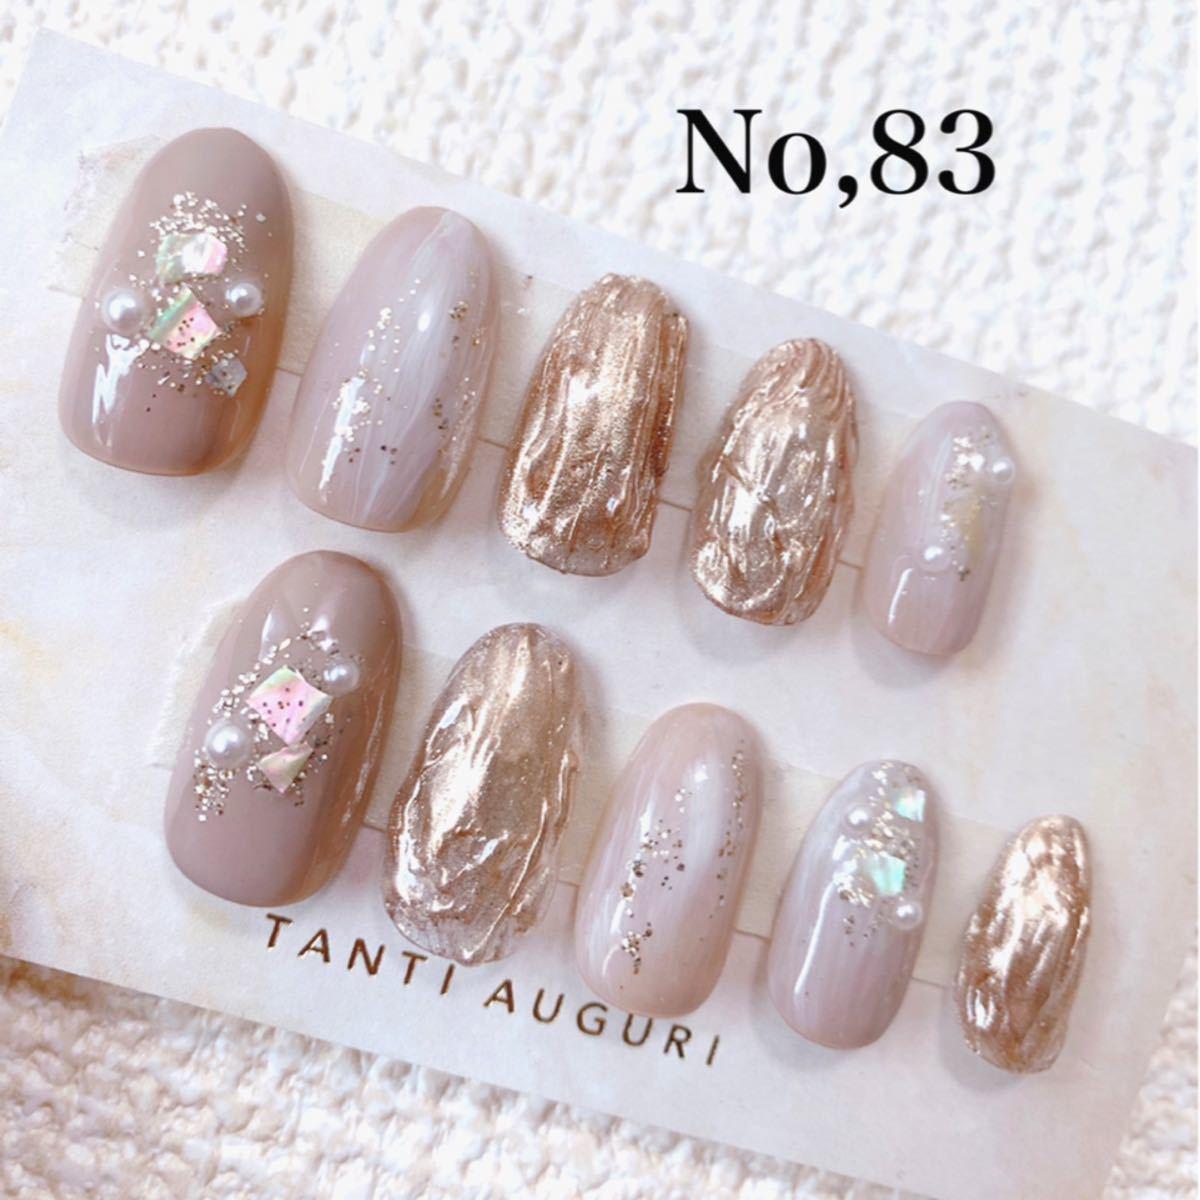 ネイルチップ ピンク ニュアンス no,83